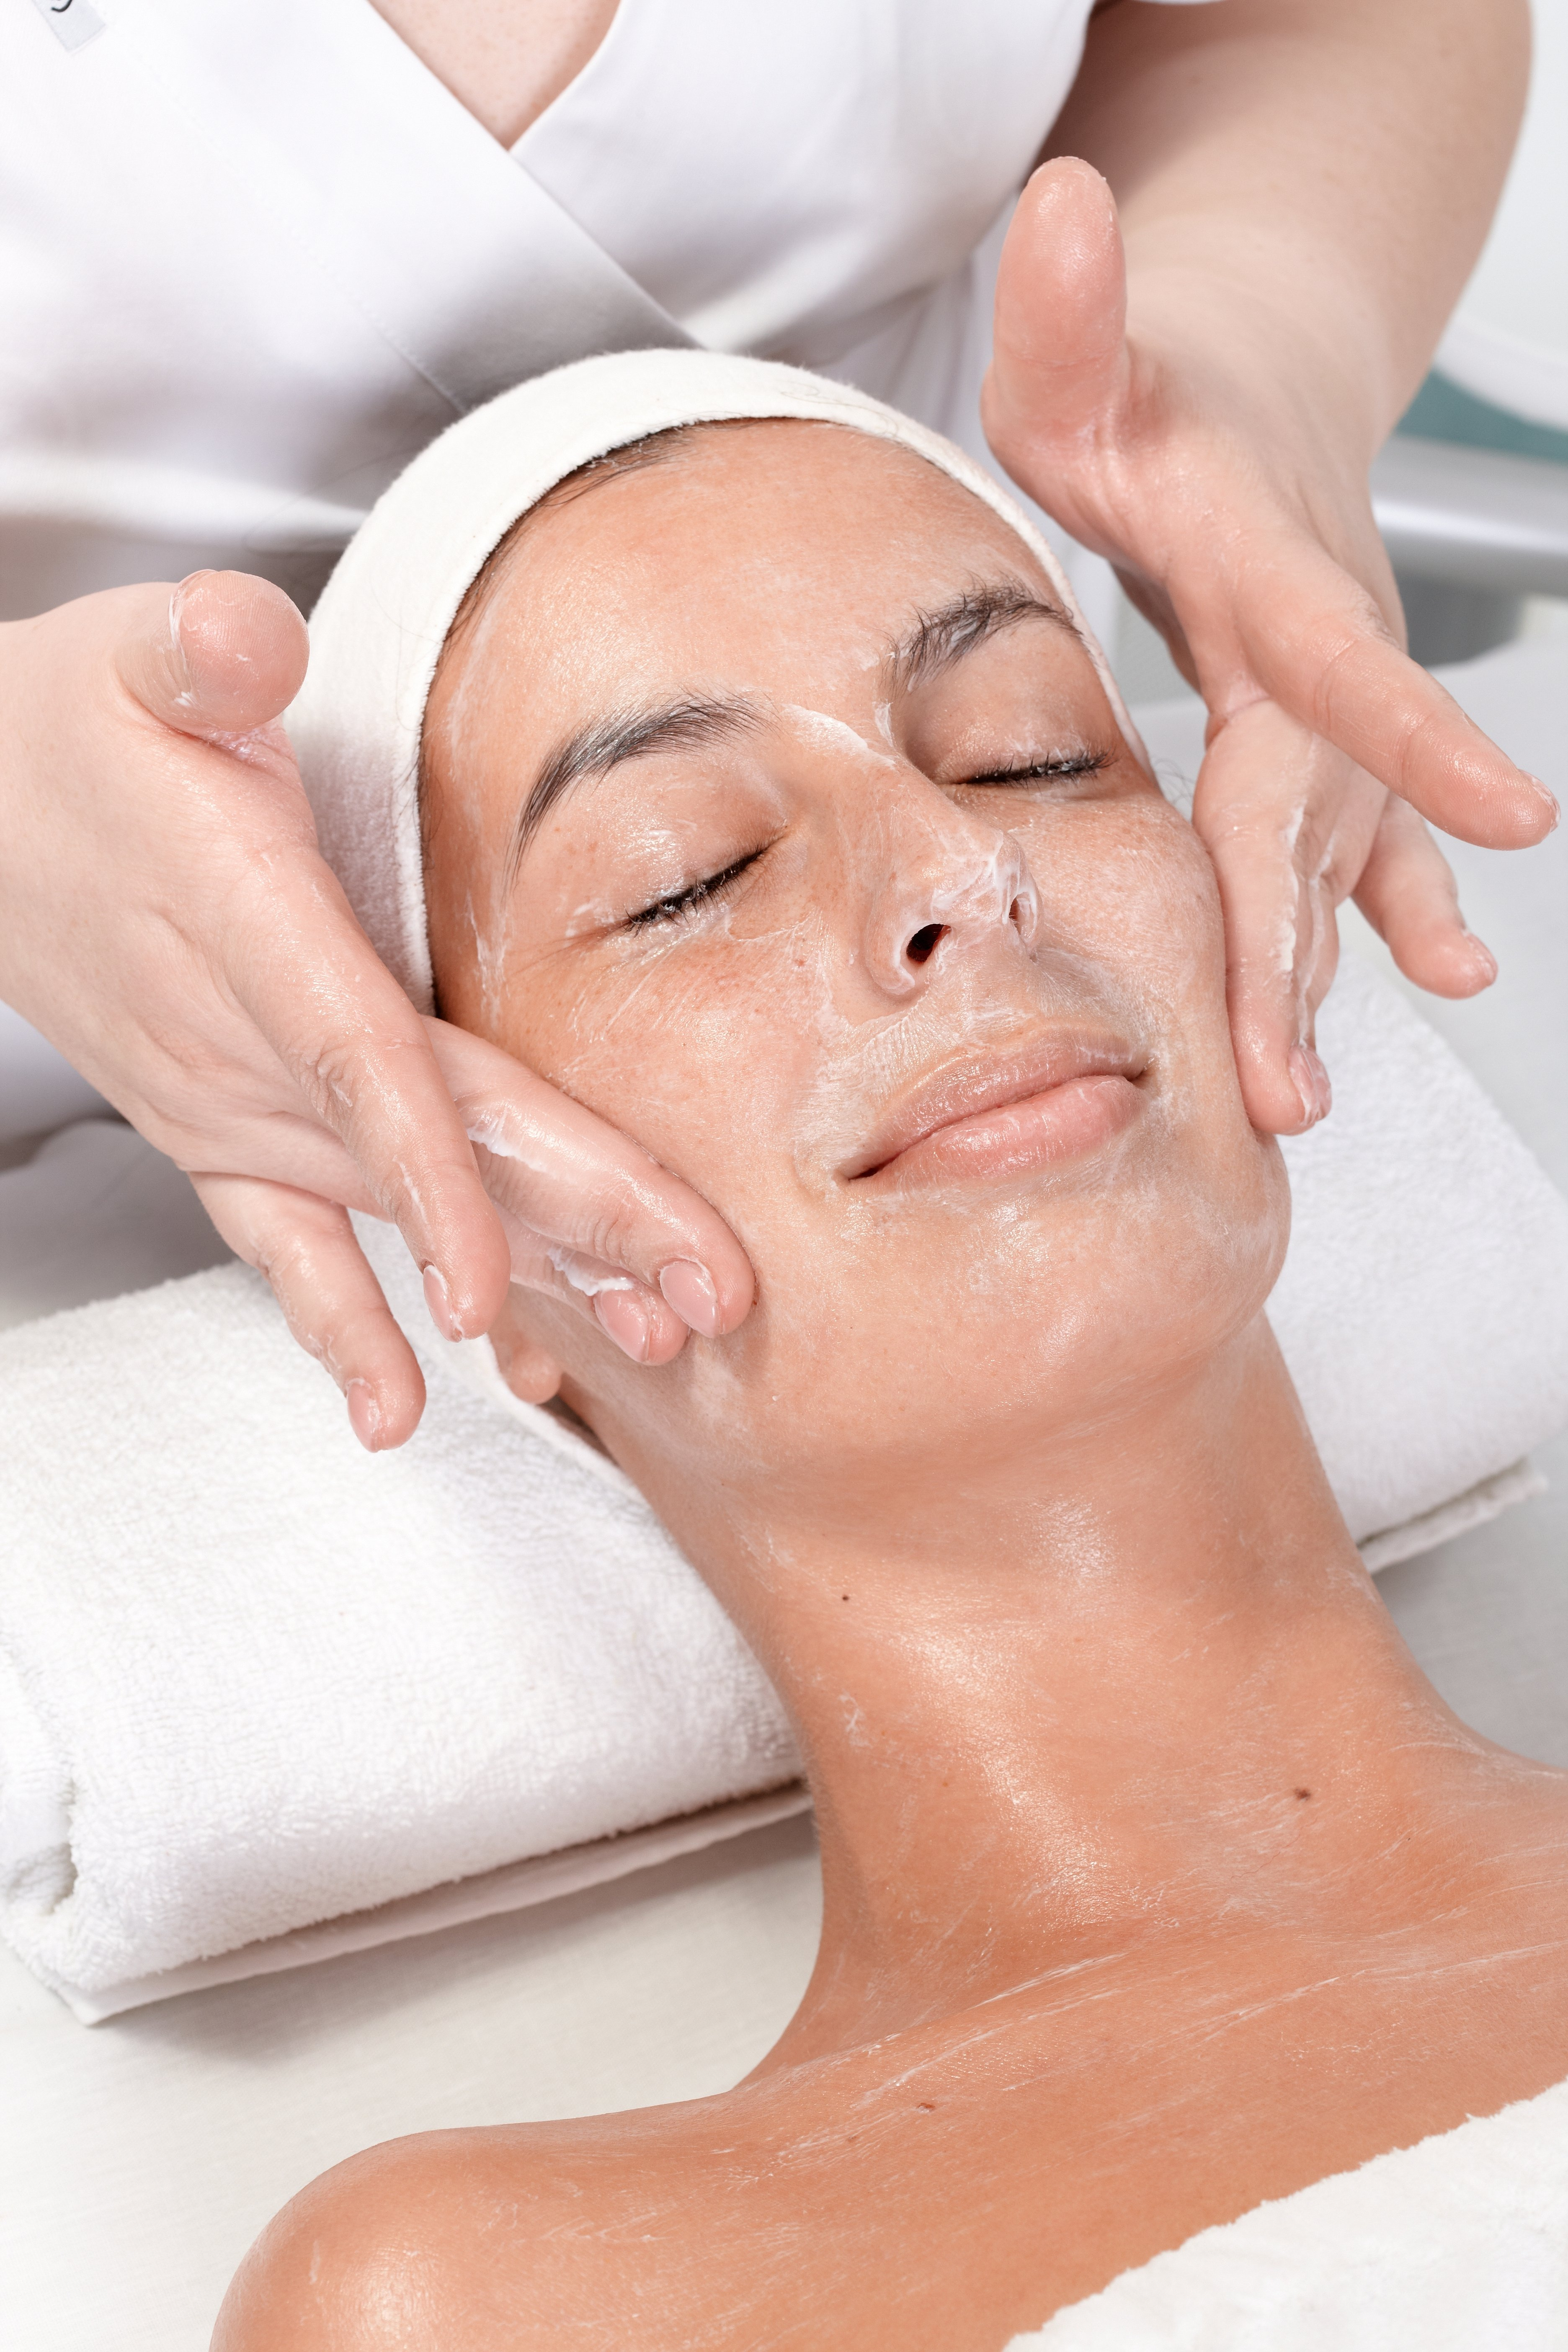 https://0901.nccdn.net/4_2/000/000/024/ec9/Canva---Facial-Massage-at-Beautician-3744x5616.jpg